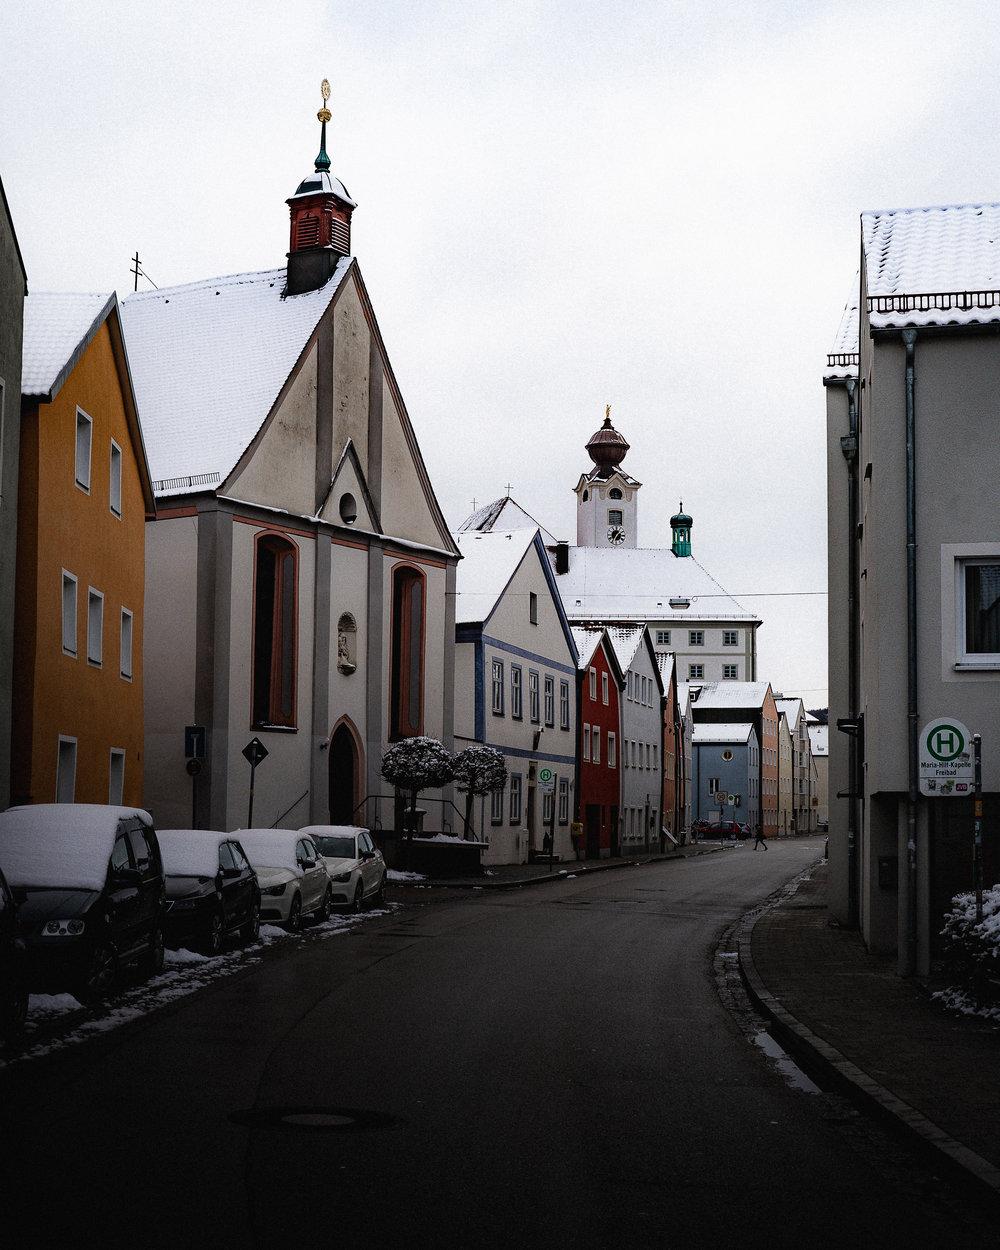 2019-01-10 Eichstatt 021.jpg